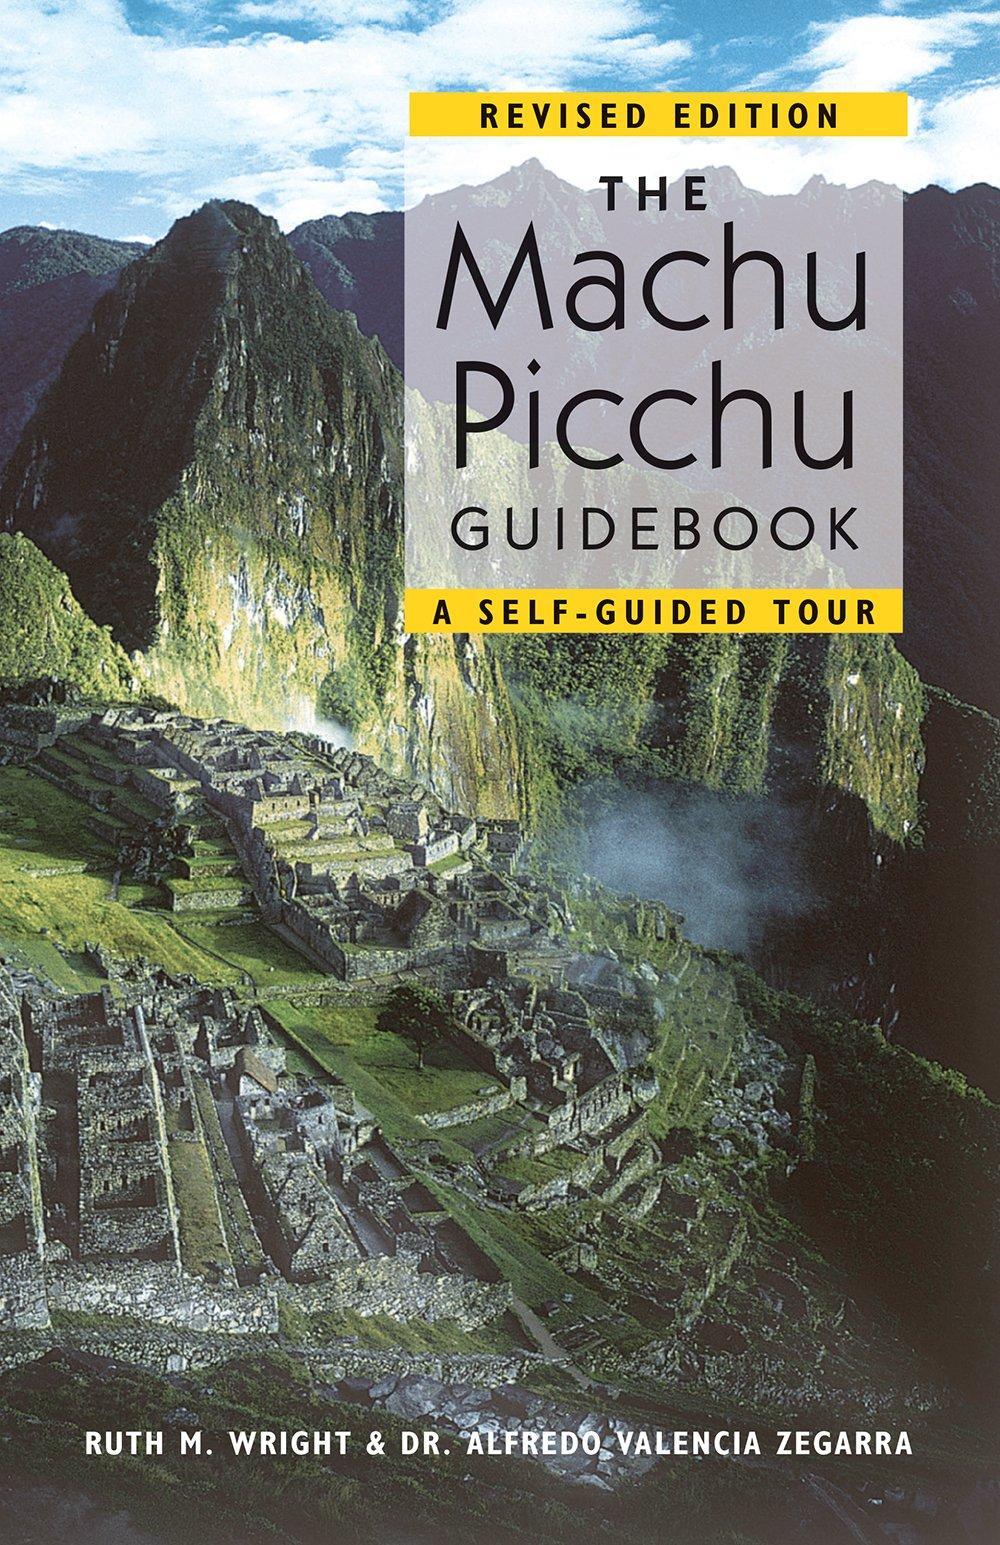 The Machu Picchu Guidebook: A Self-Guided Tour ebook